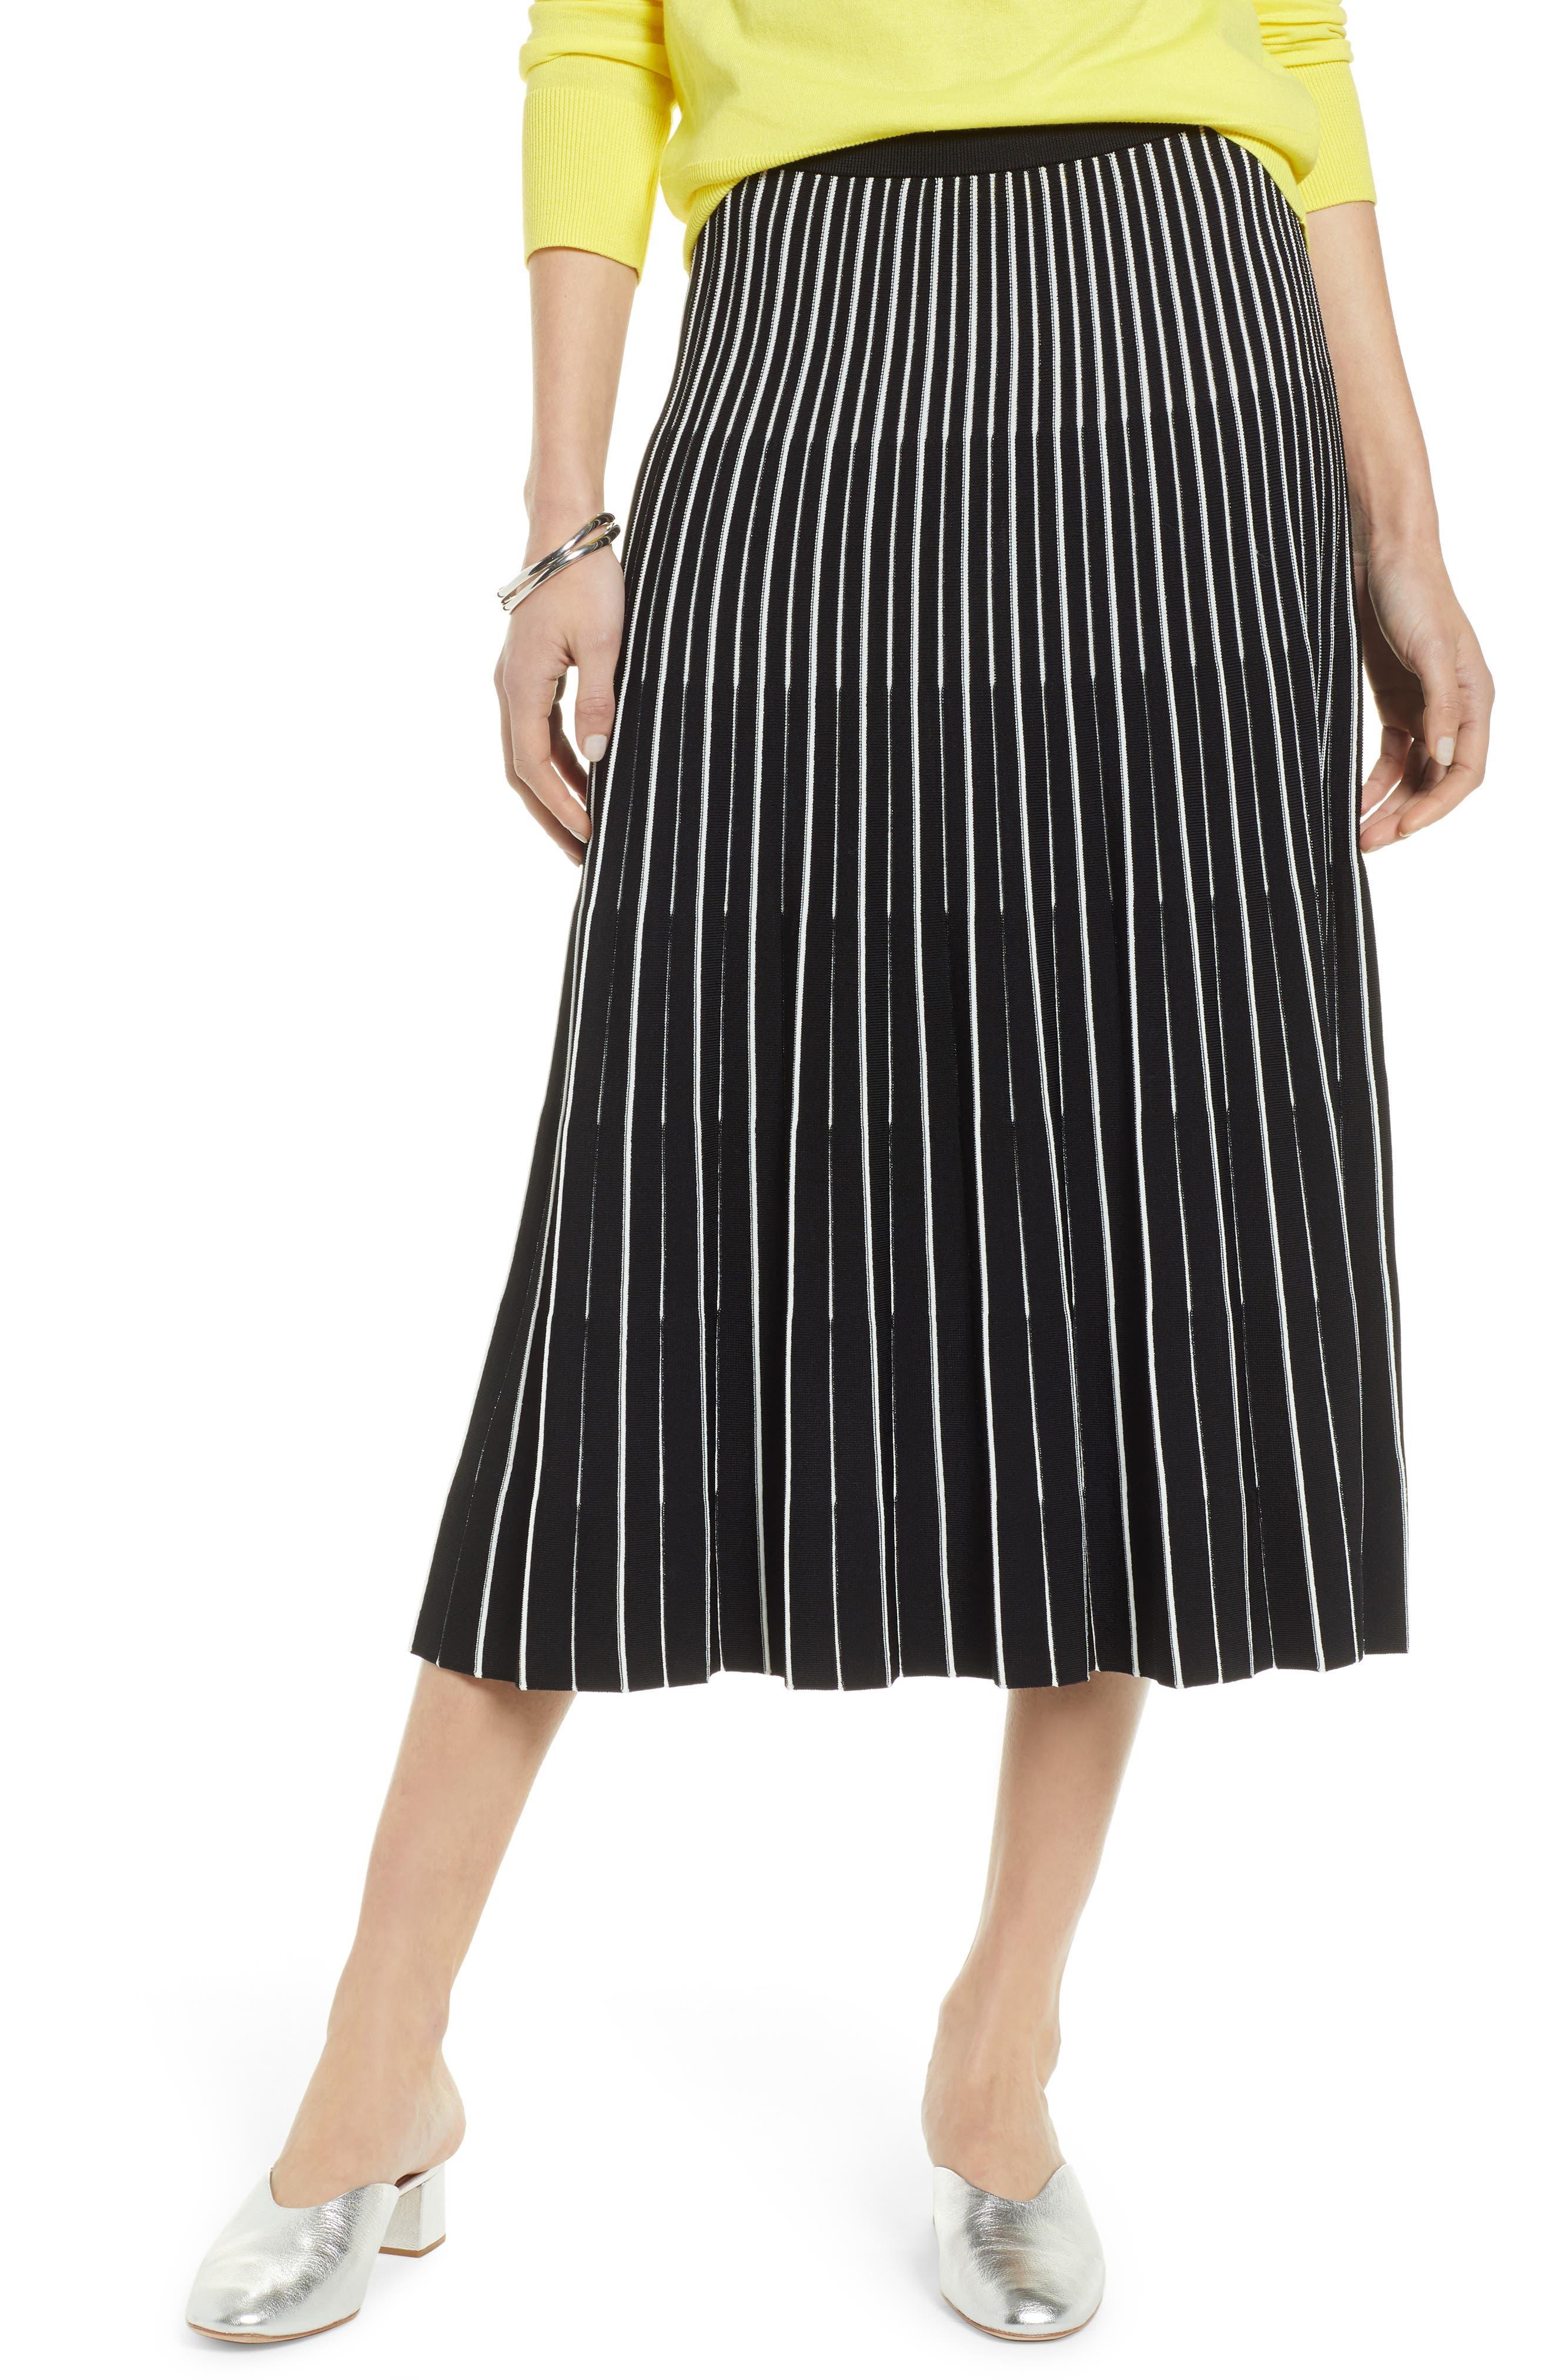 stylish petite clothing for women